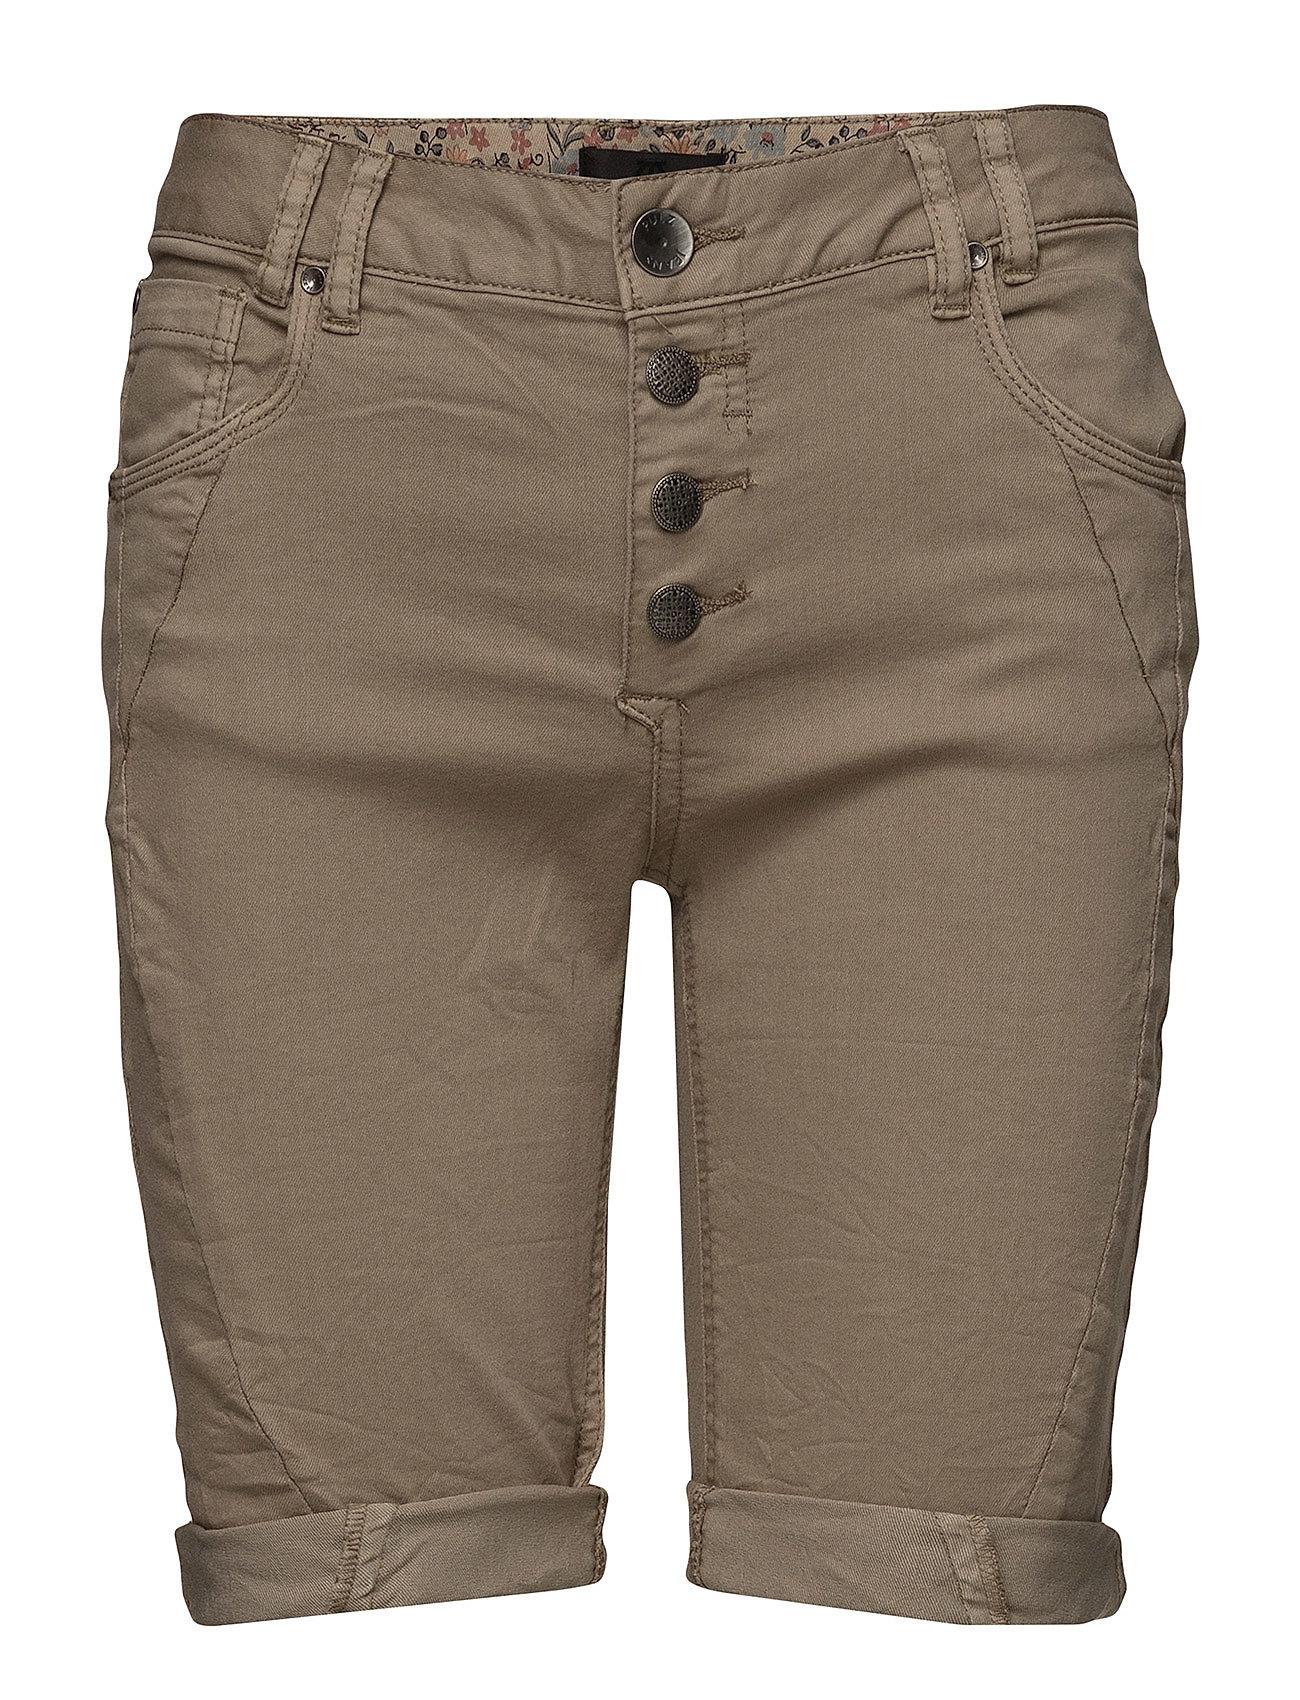 Pulz Jeans Rosita shorts - SANDY LAN